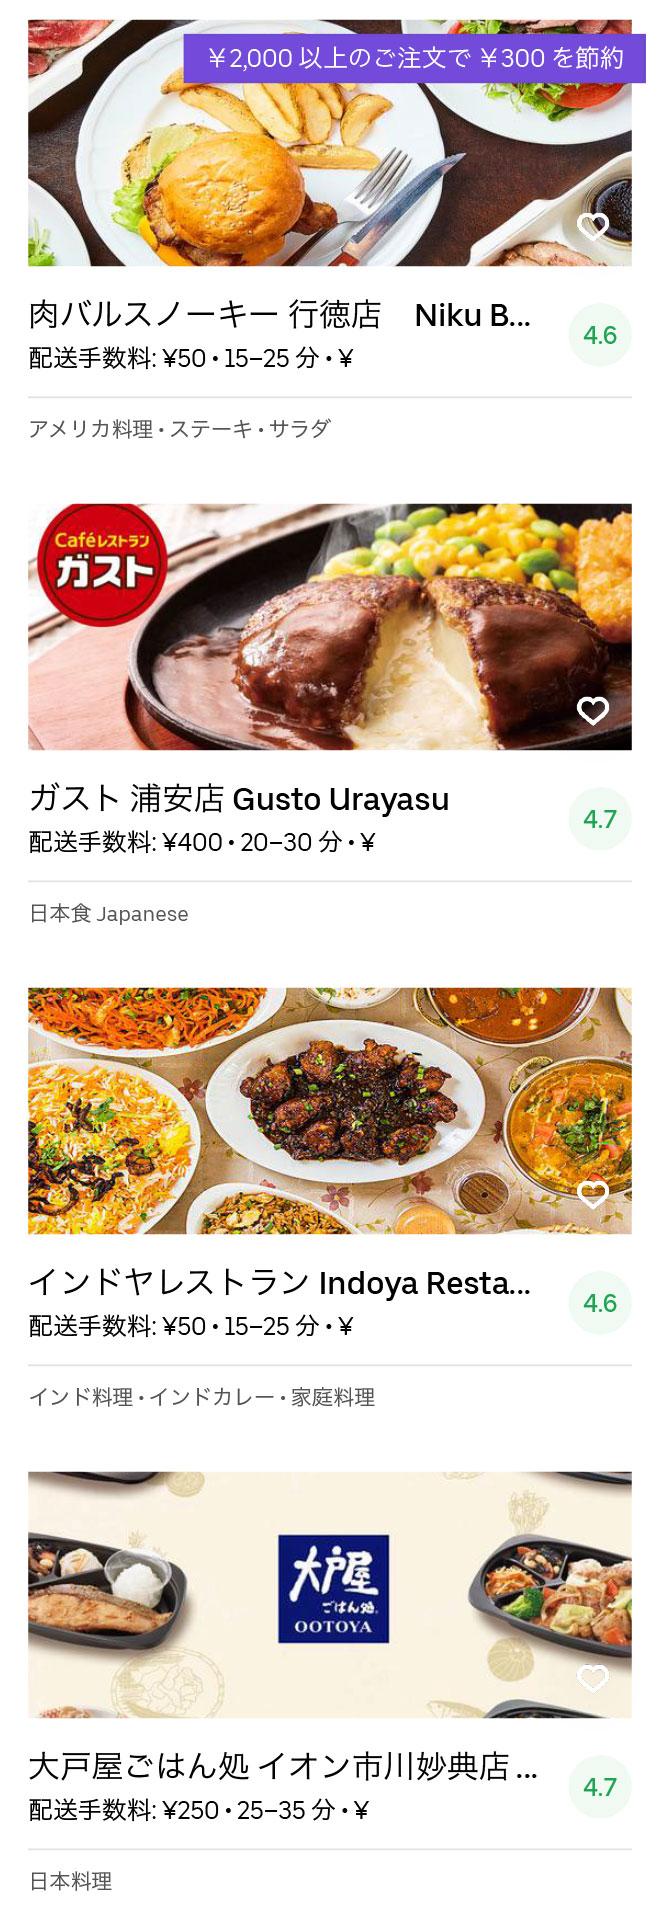 Ichikawa gyotoku menu 2004 05